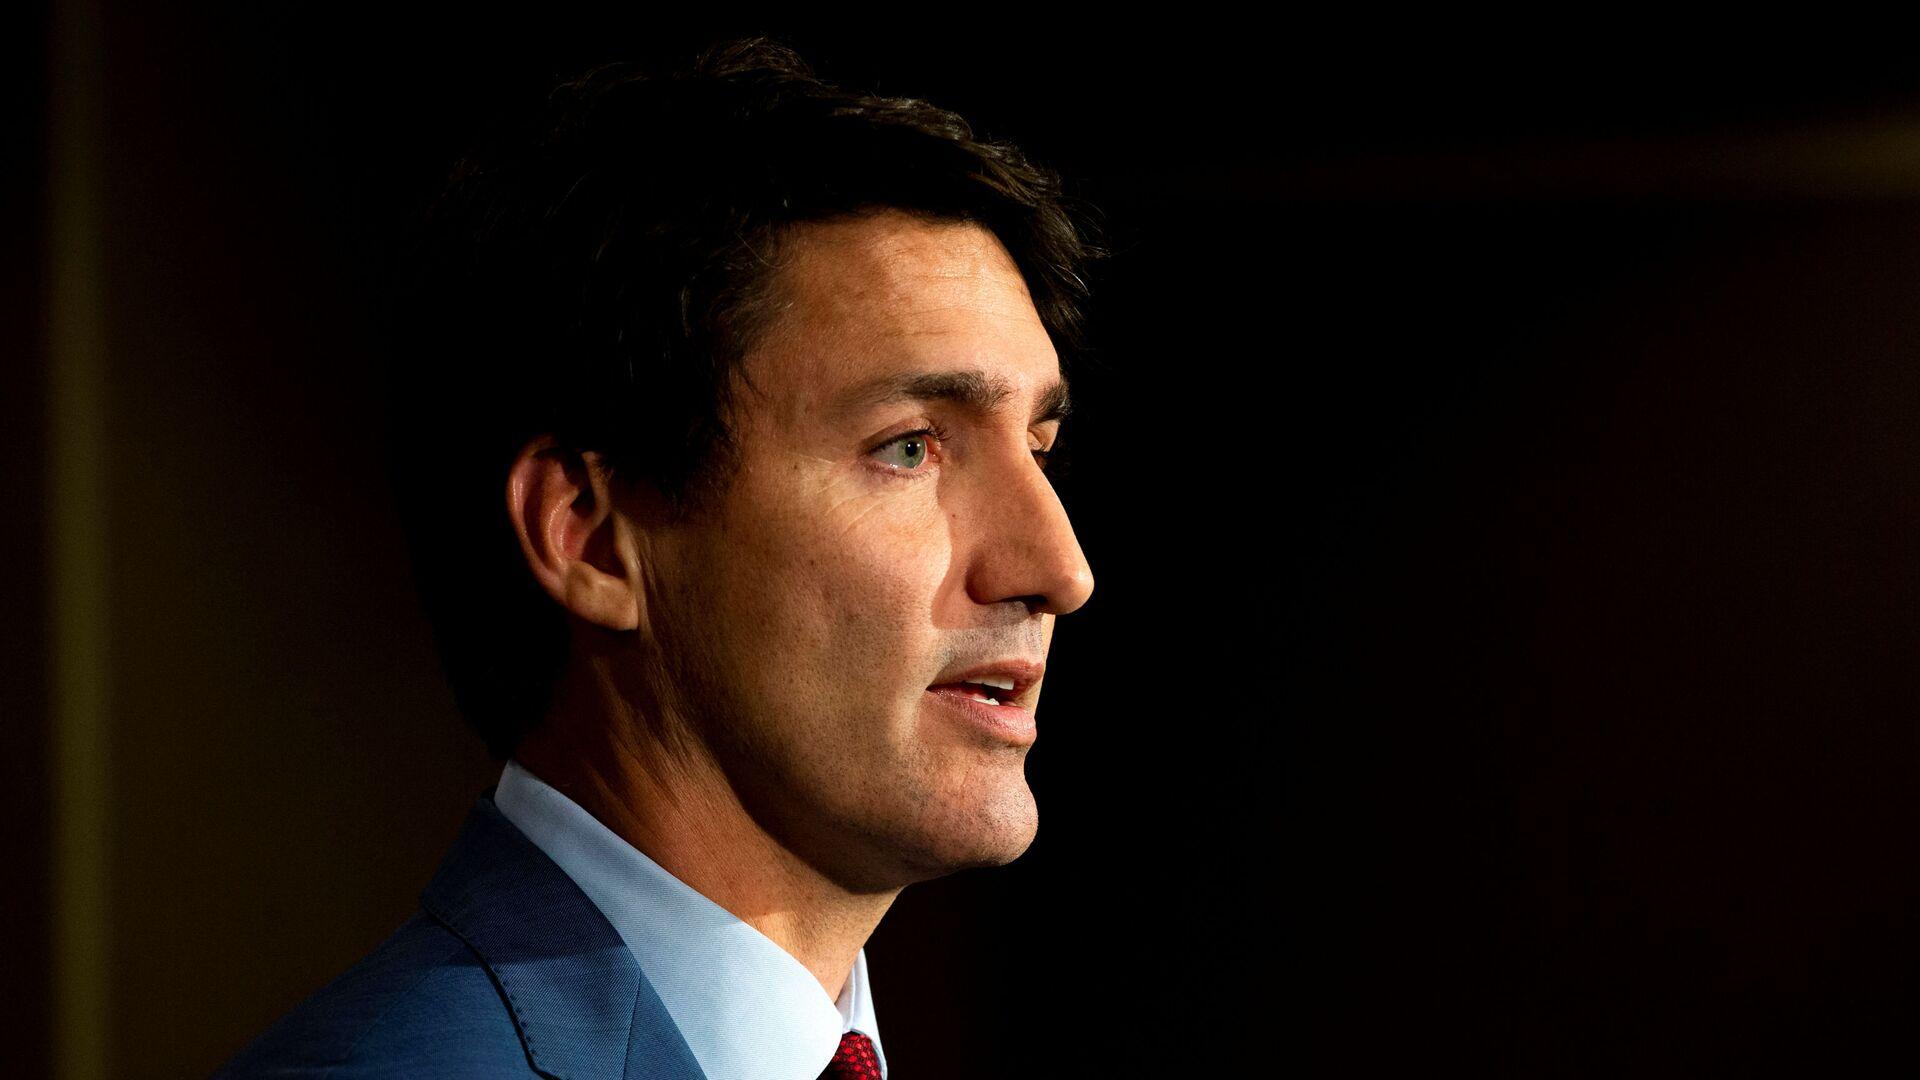 Il primo ministro canadese Justin Trudeau - Sputnik Italia, 1920, 26.06.2021